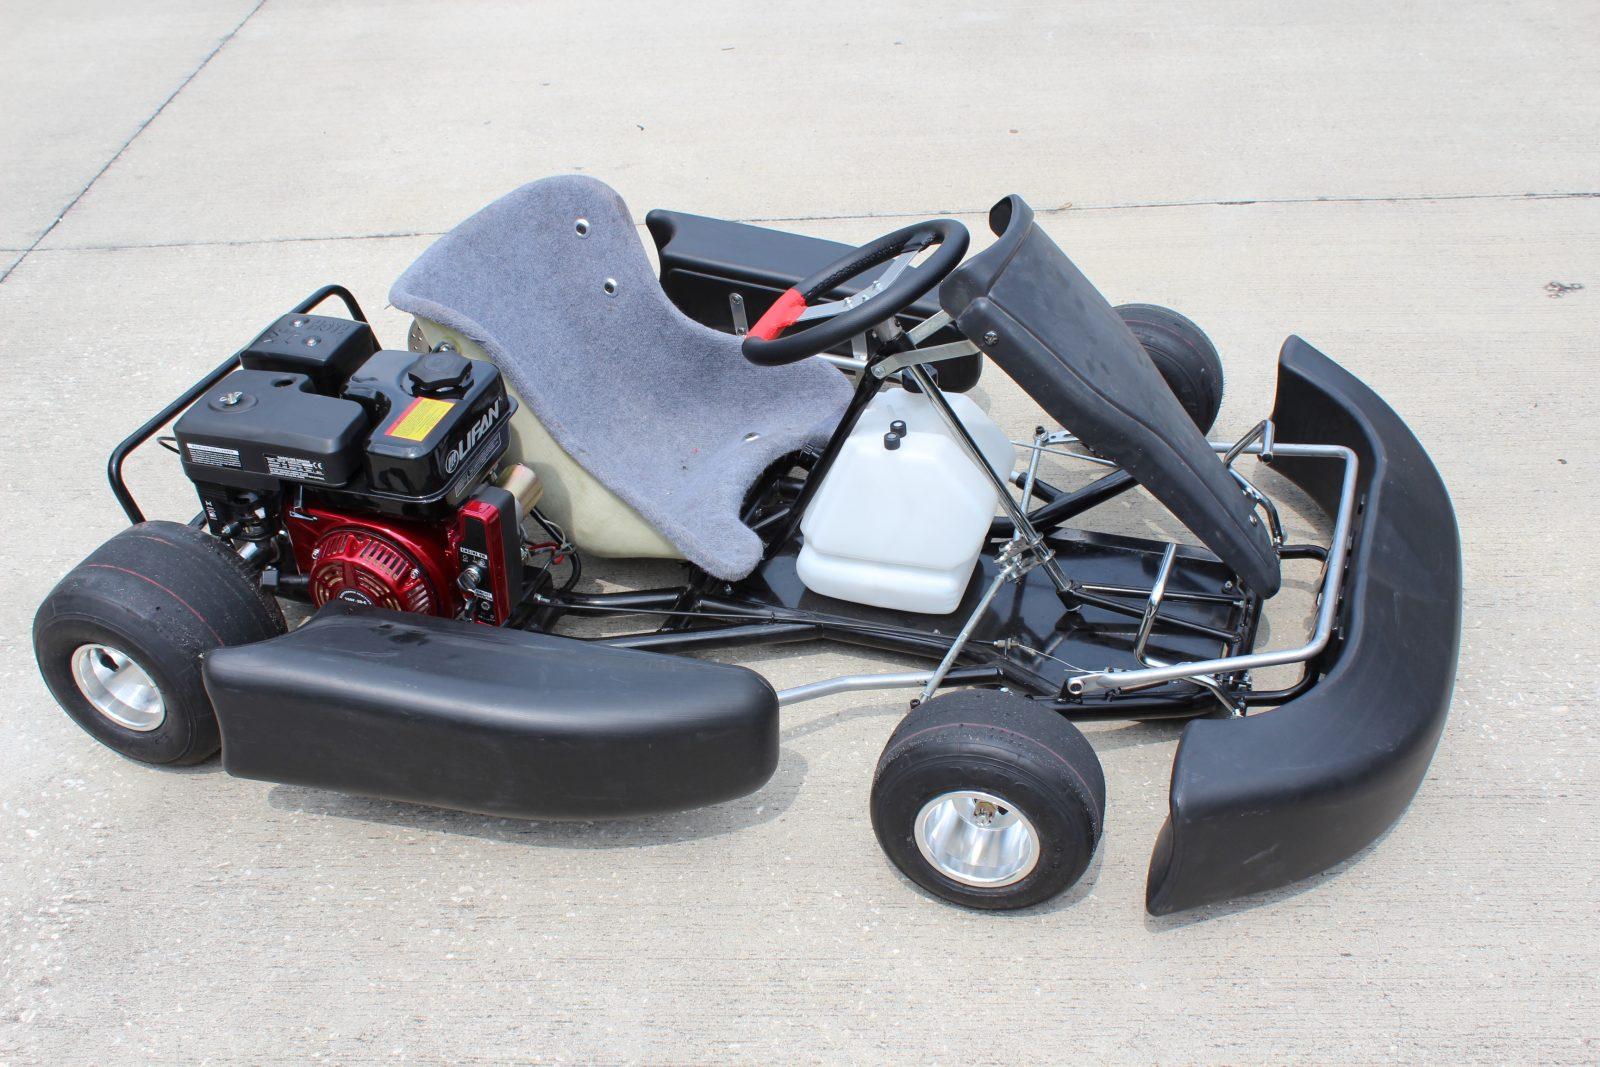 250cc Shifter Kart Engine